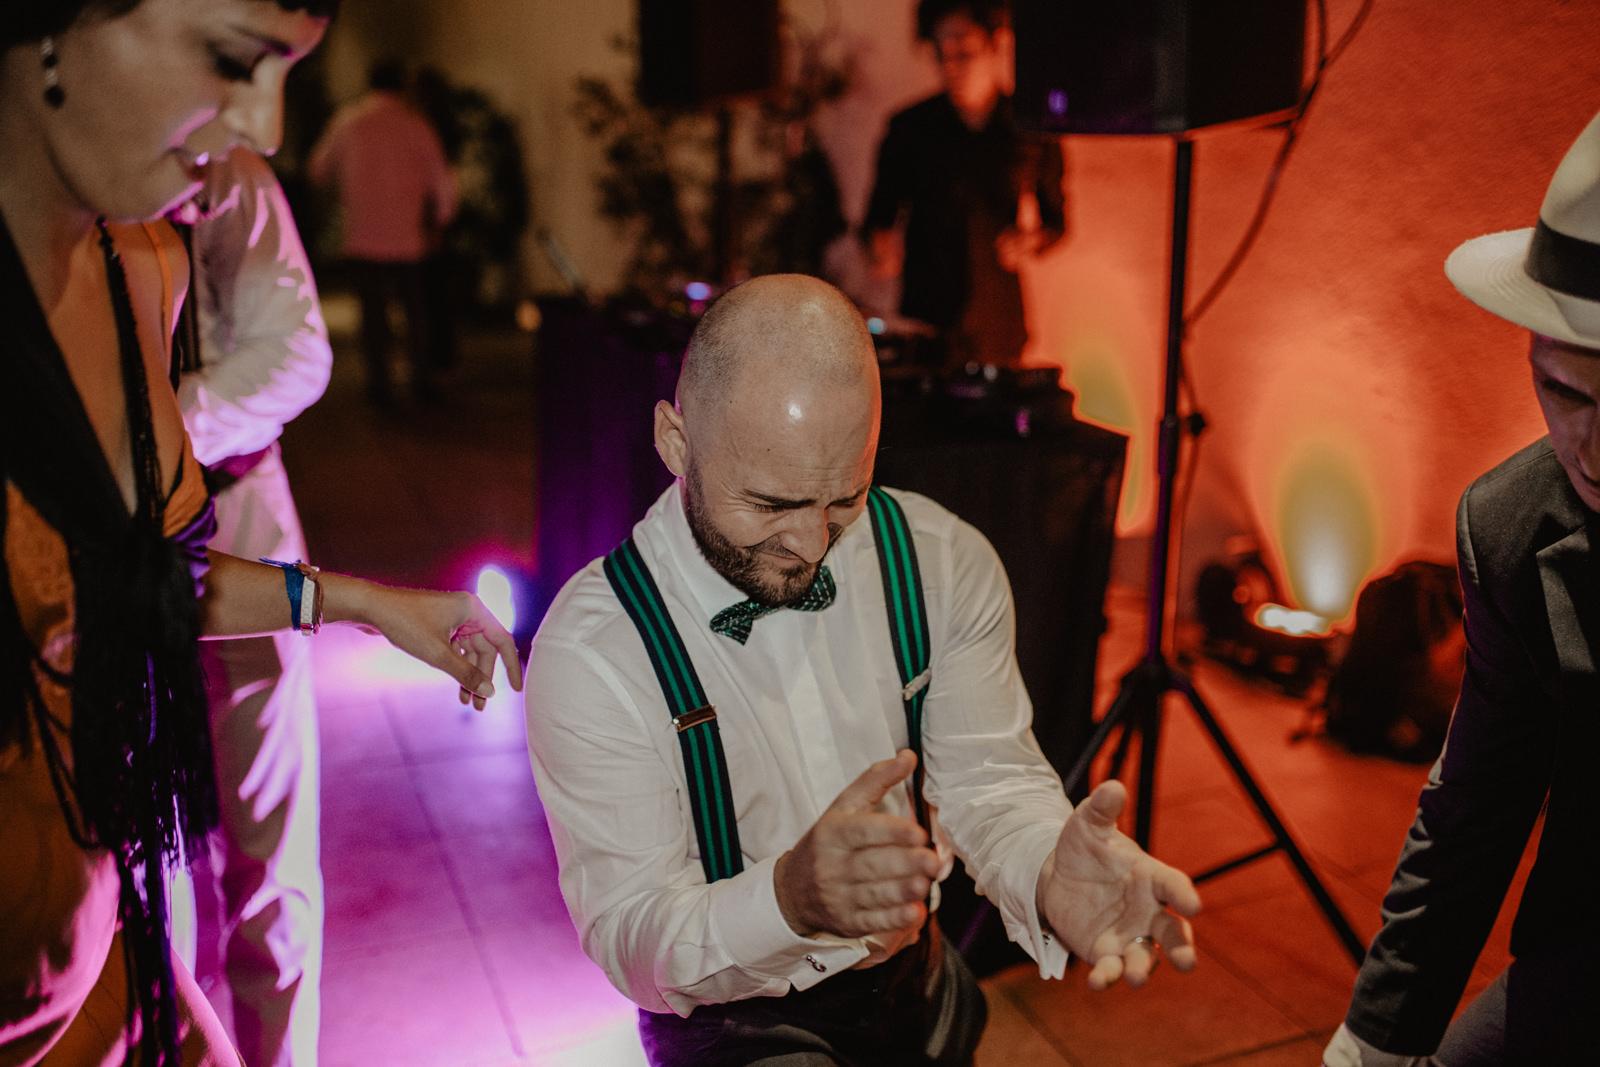 thenortherngirlphotography_photography_thenortherngirl_rebeccascabros_wedding_weddingphotography_weddingphotographer_barcelona_bodaenlabaronia_labaronia_japanesewedding_destinationwedding_shokoalbert-1022.jpg